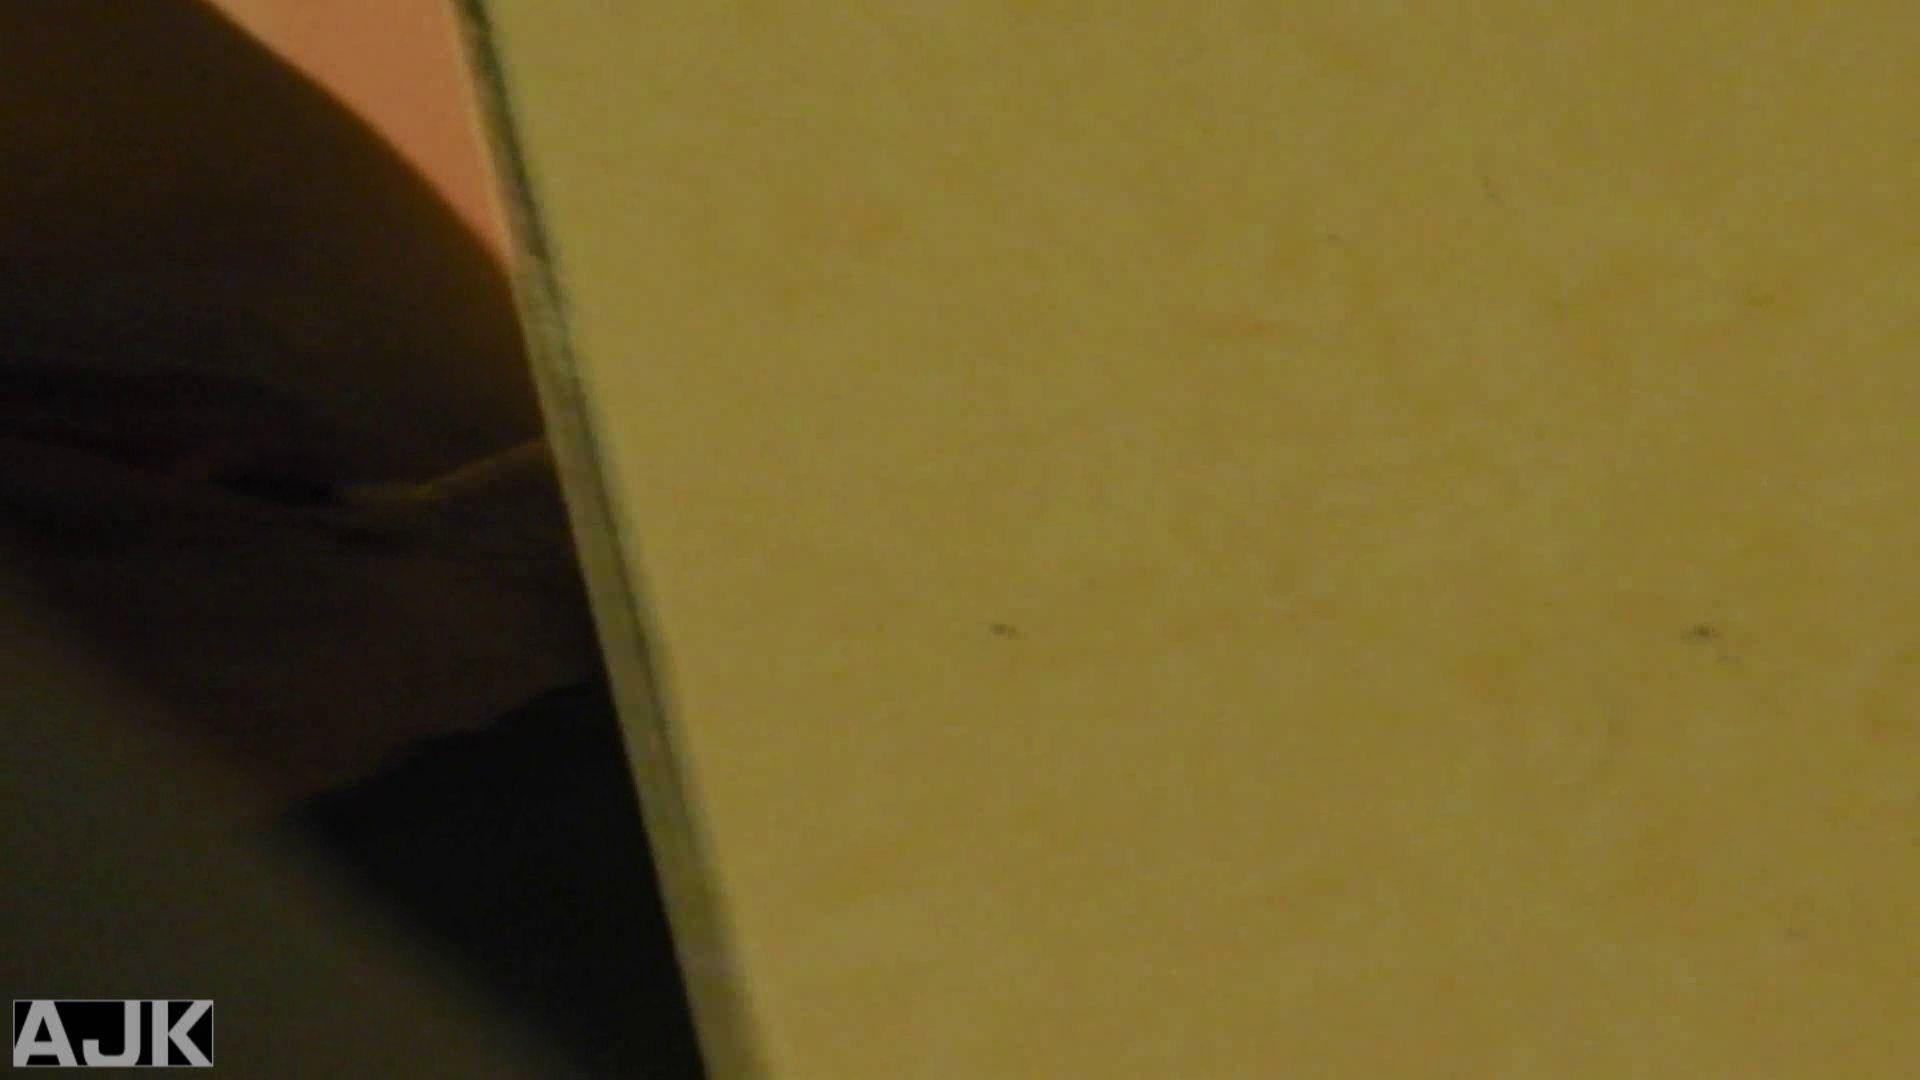 隣国上階級エリアの令嬢たちが集うデパートお手洗い Vol.09 女子トイレ編 ワレメ無修正動画無料 73画像 53